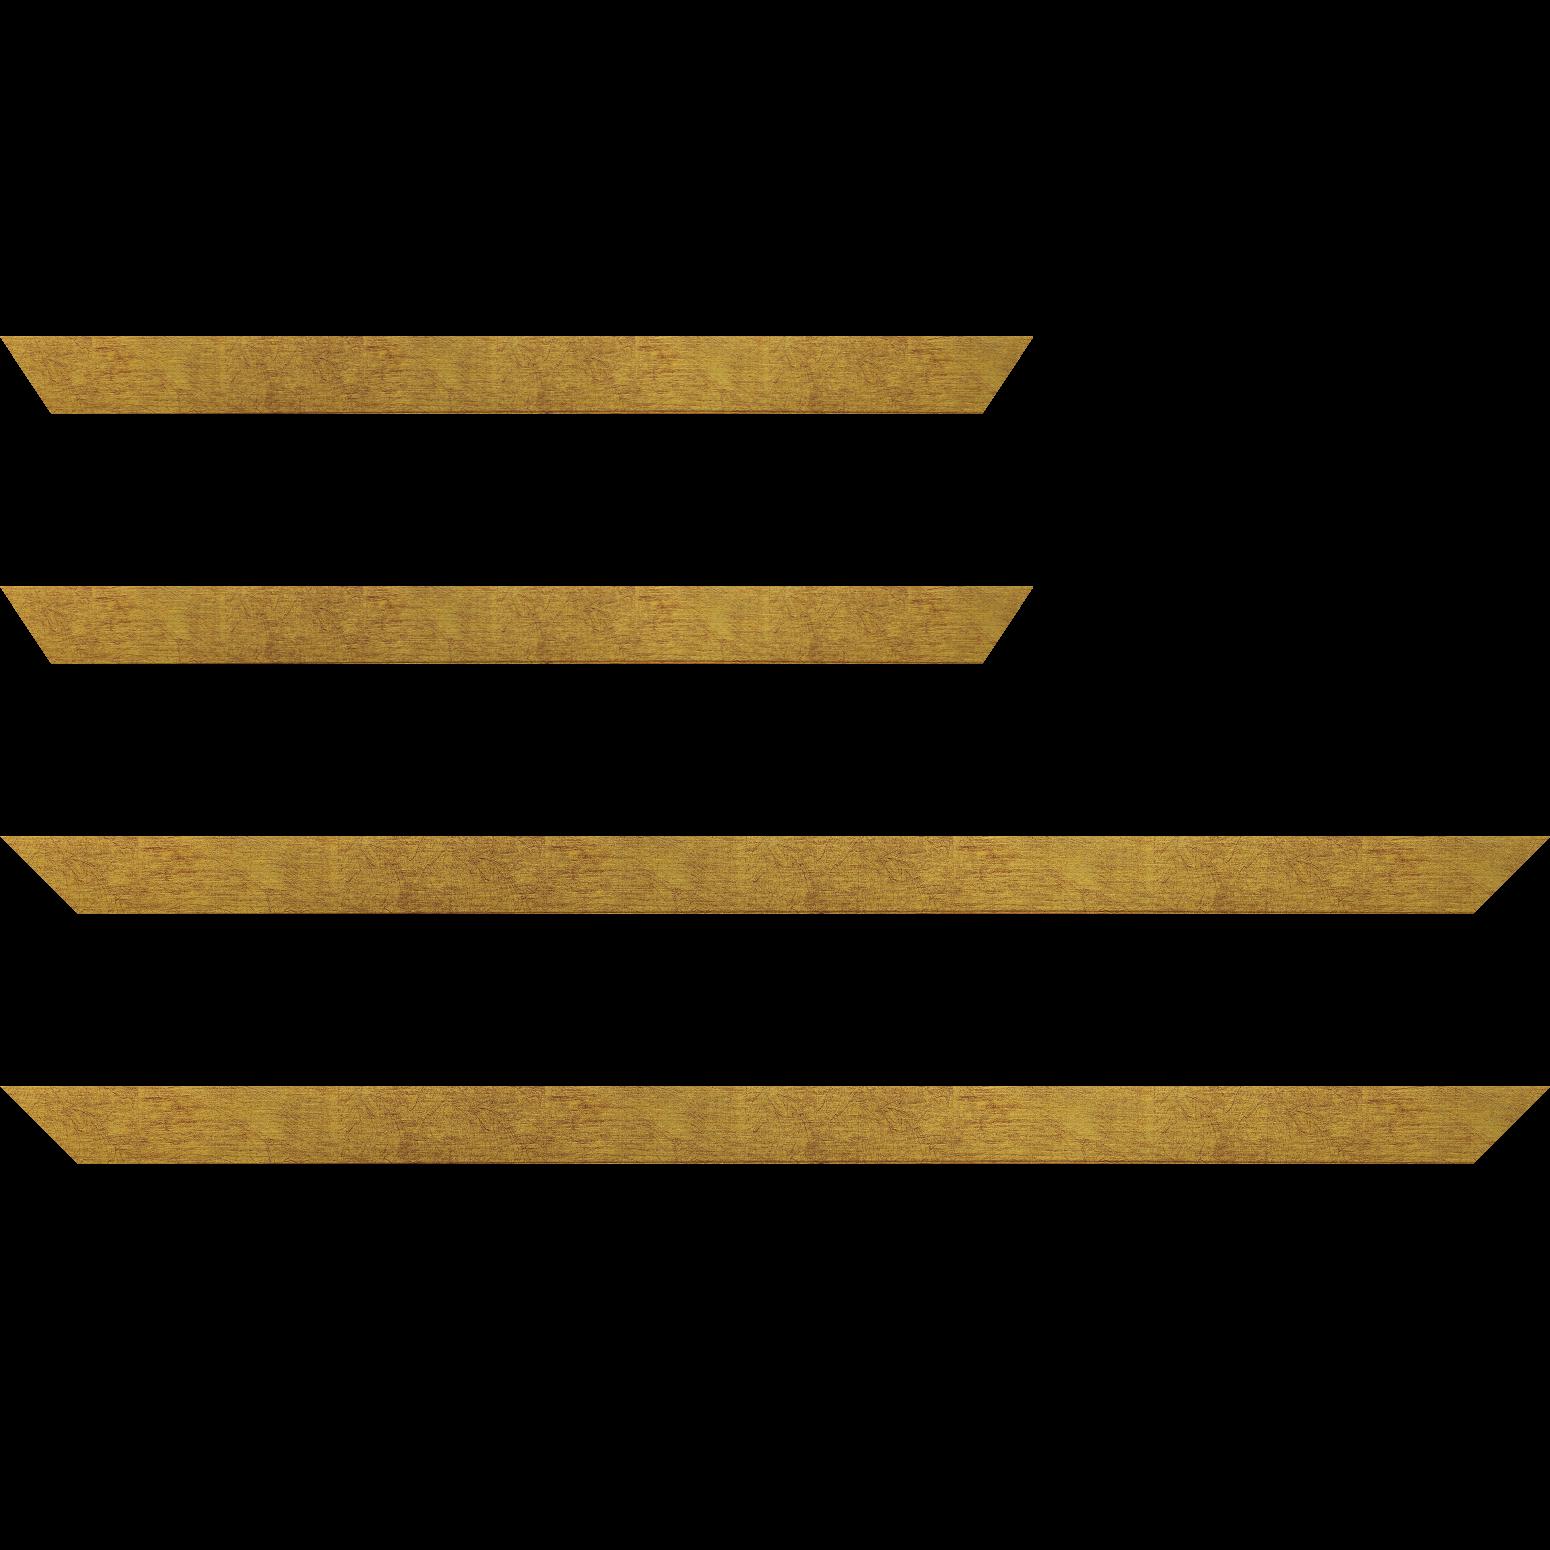 Baguette service précoupé bois profil plat largeur 2.5cm couleur or